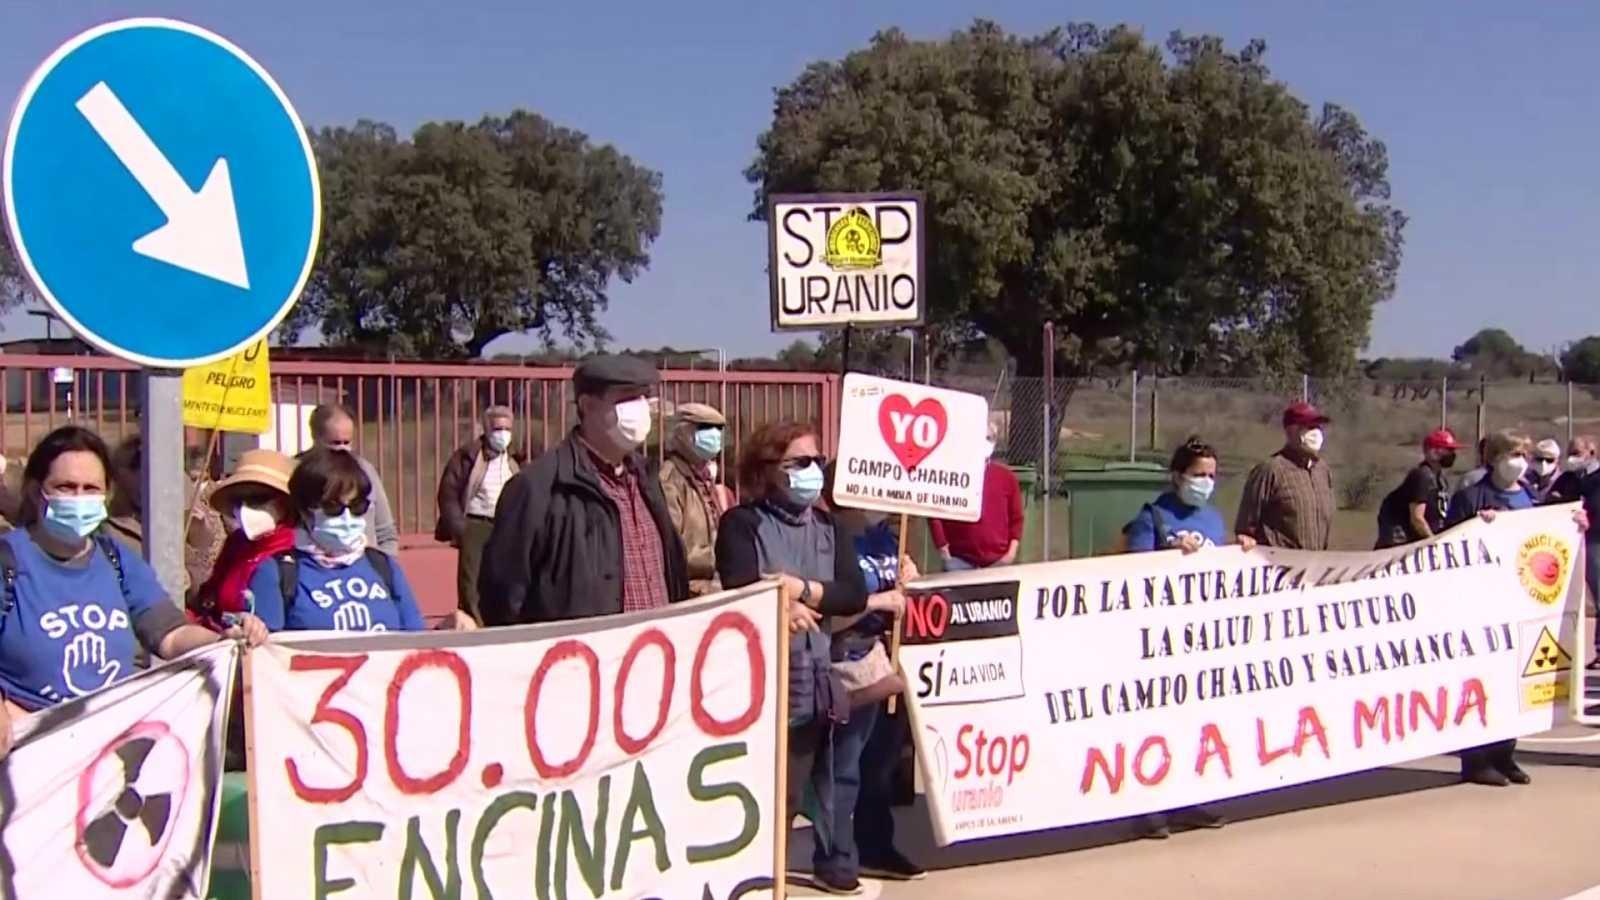 Stop Uranio se concentra contra la futura planta de tratamiento de uranio y depósito de residuos radiactivos de Retortillo